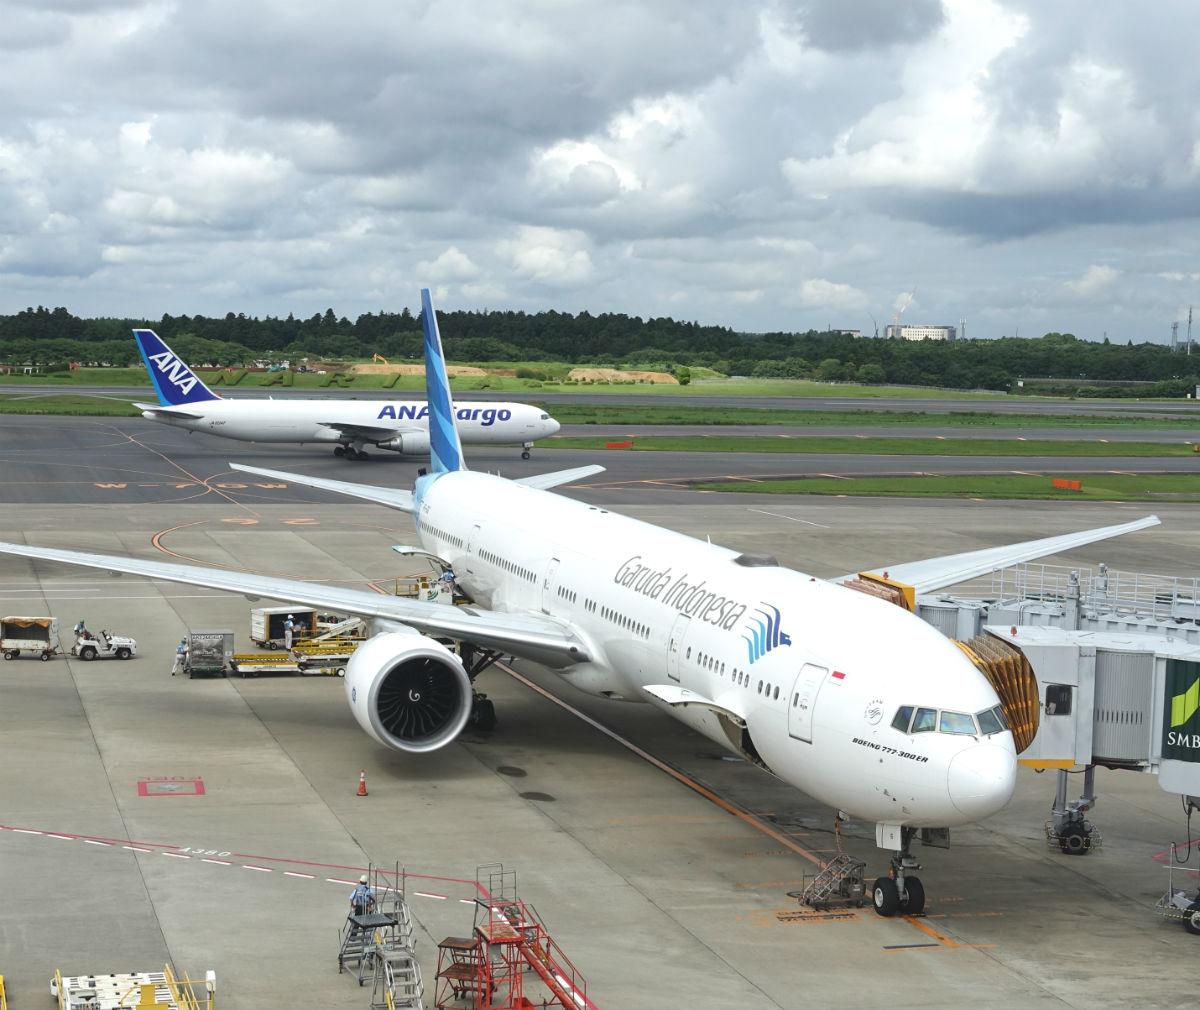 成田空港 ガルーダインドネシア航空の機体